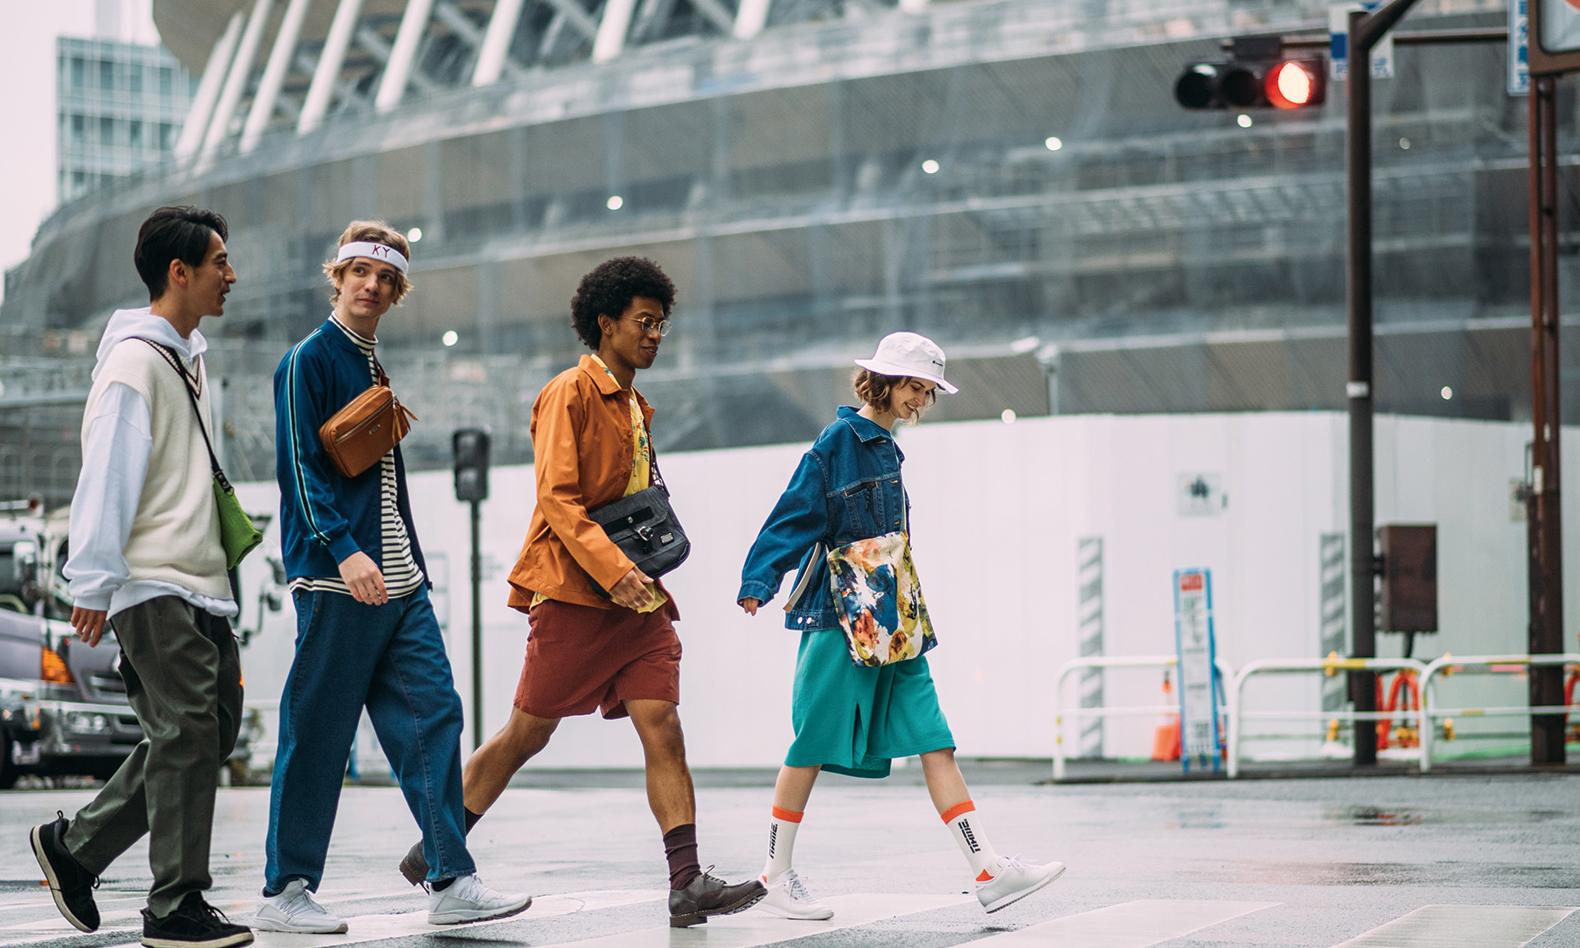 展示生活的更多可能,Master-Piece 发布 2019 春夏系列 Lookbook